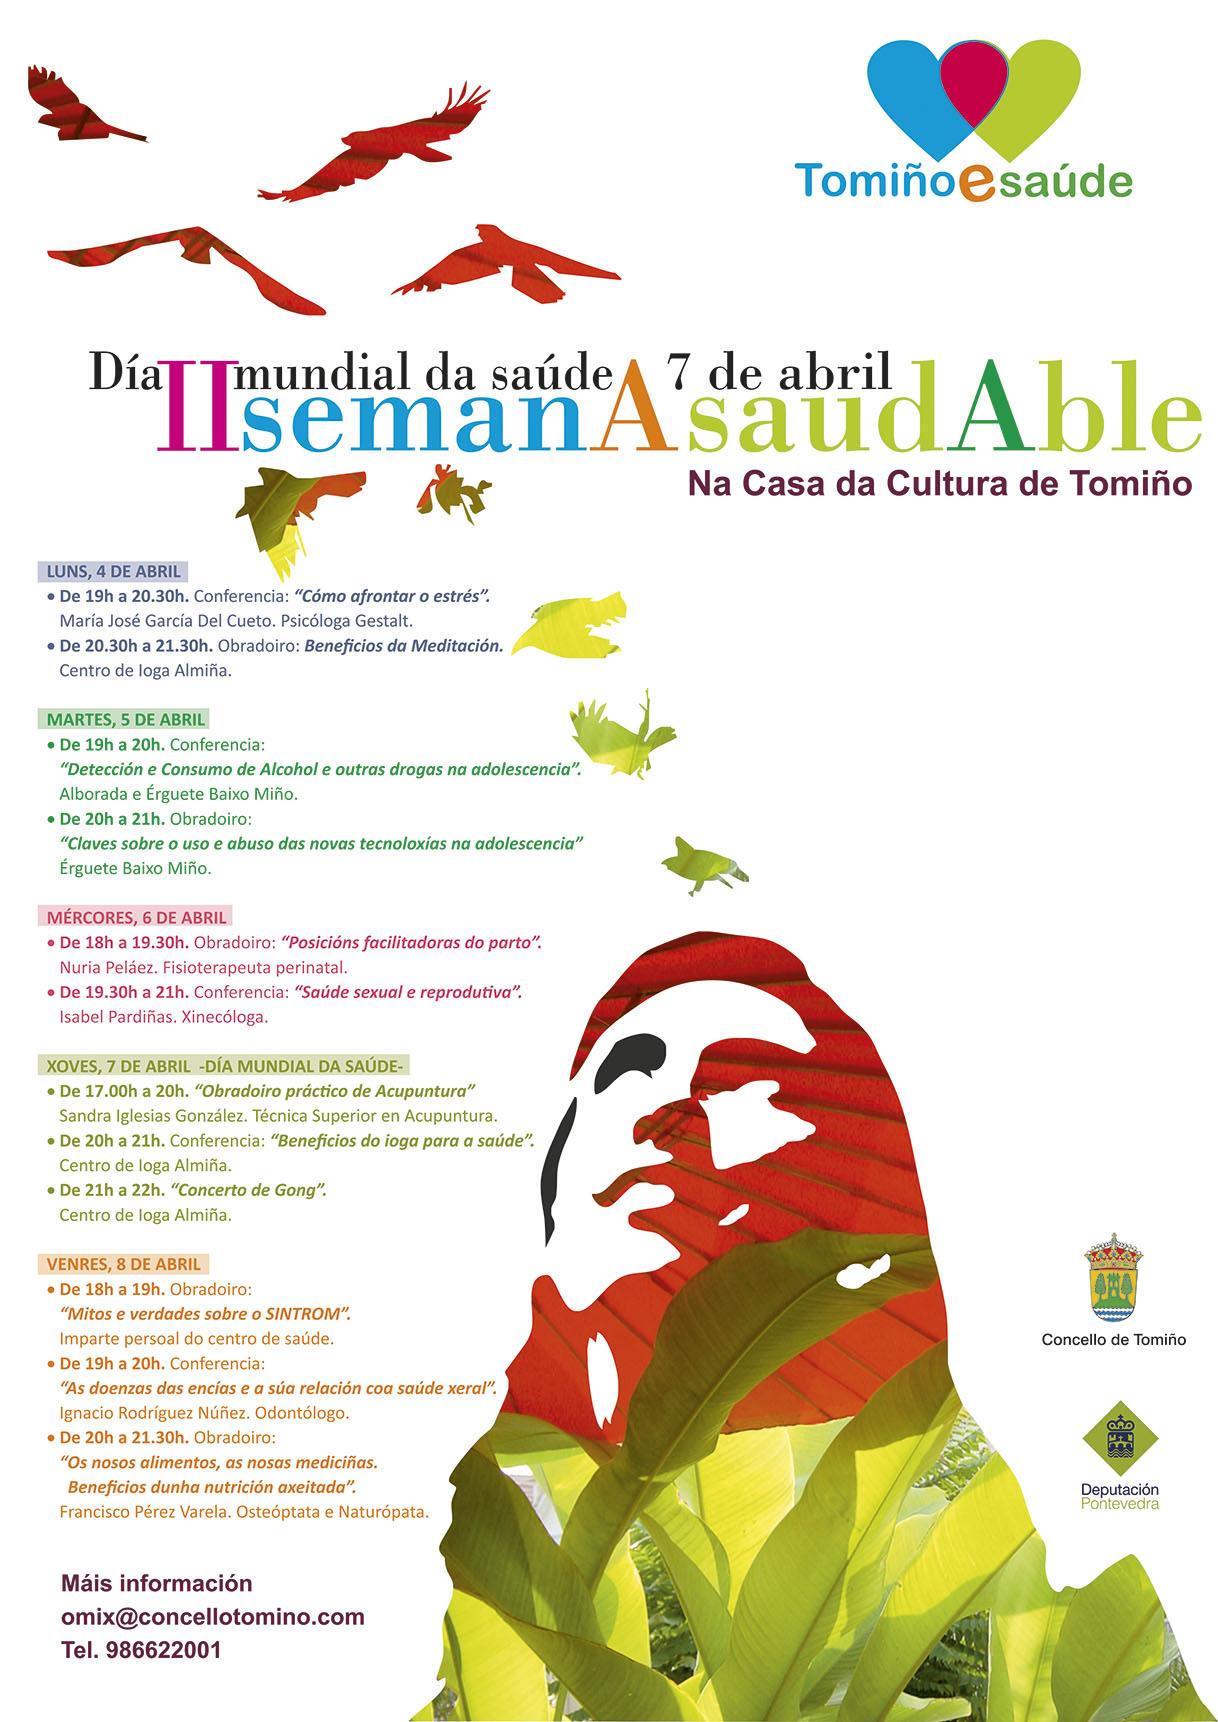 35eebdb8d0e59 29 Mar O Concello organiza a II SEMANA SAUDABLE entre os días 4 e 8 de abril  na Casa da Cultura de Tomiño